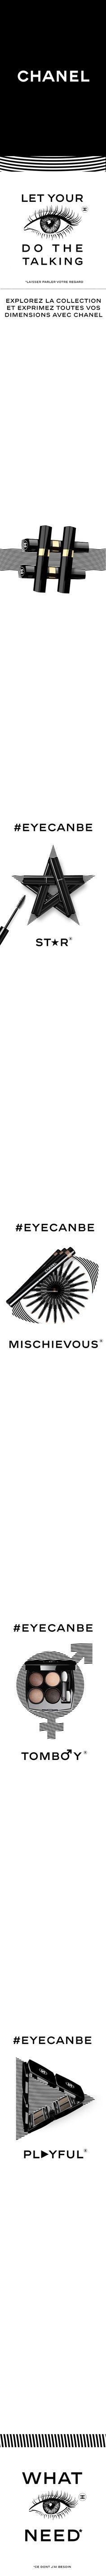 #EyeCanBe Explorez la collection et exprimez toutes vos dimensions avec CHANEL